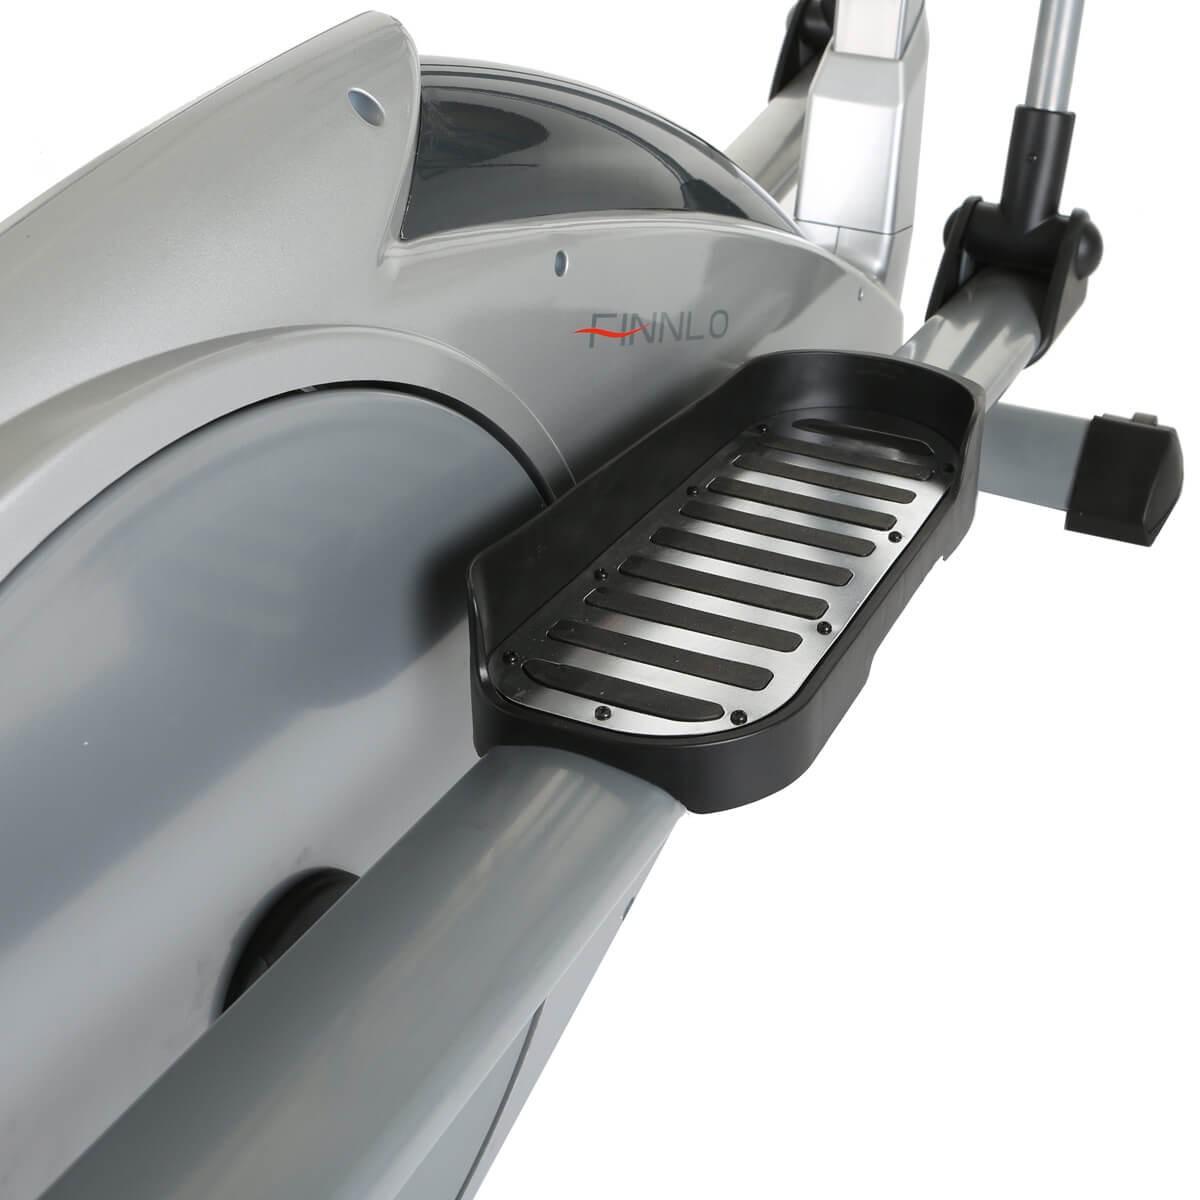 finnlo loxon elliptical trainer buy nowfinnlo loxon elliptical trainer